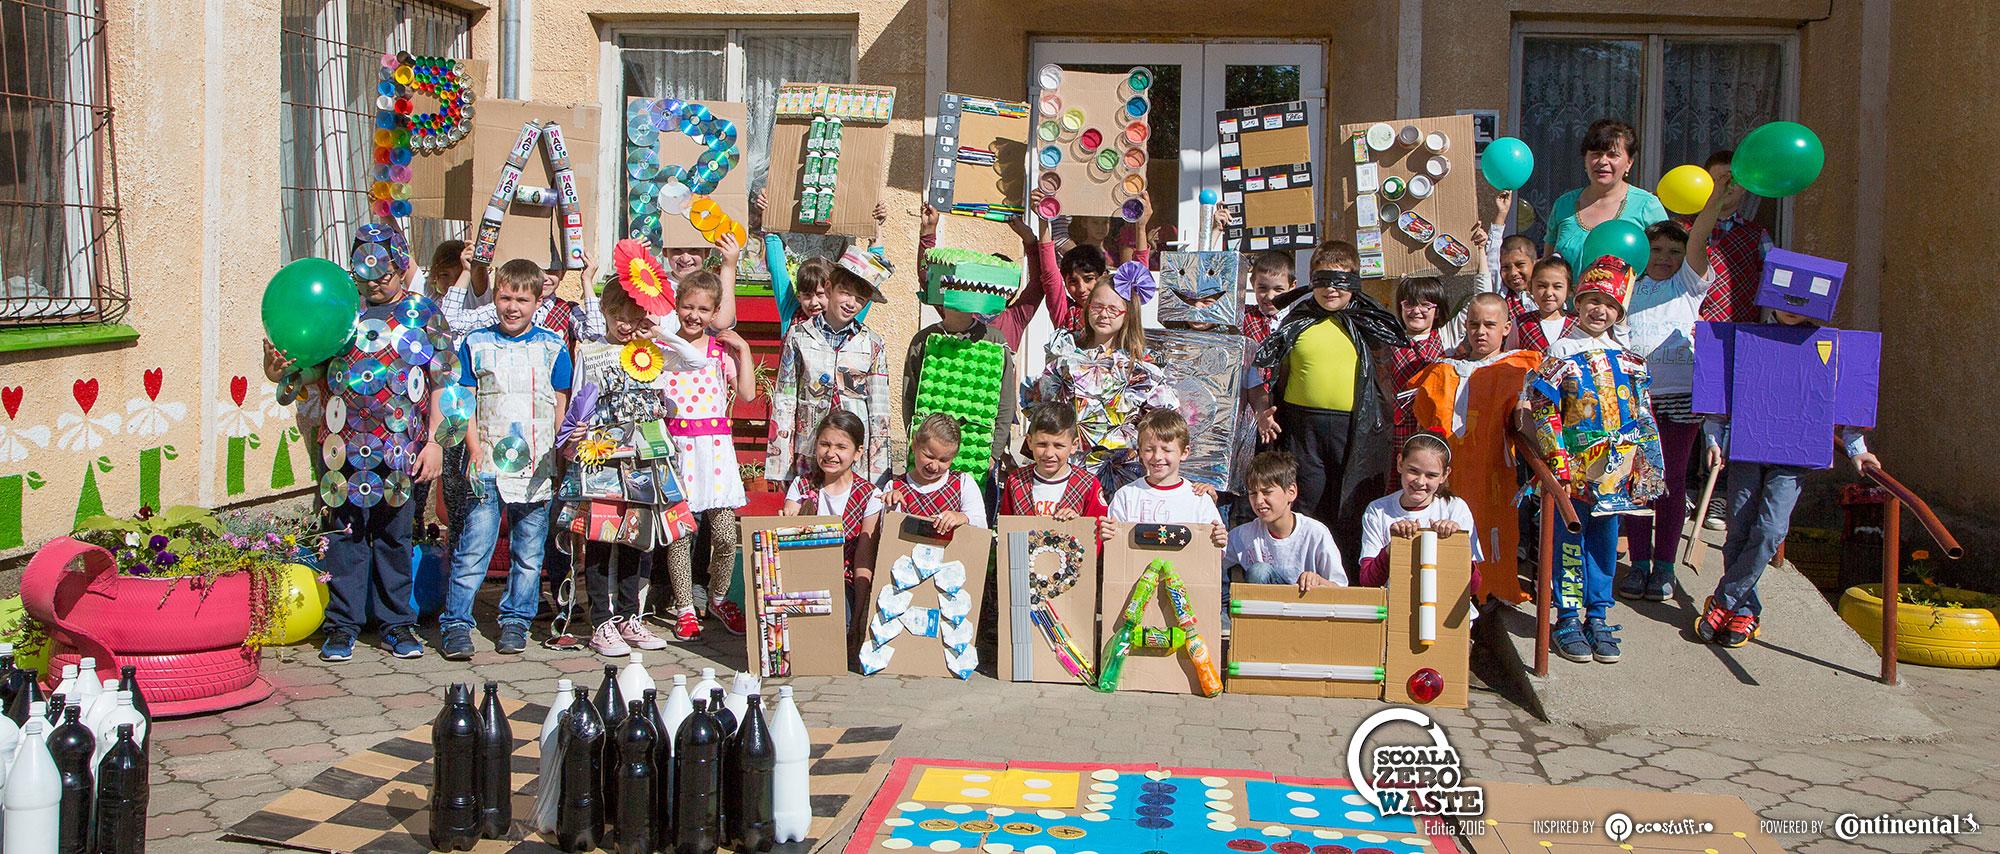 scoala-zero-waste-2016-castigatori-faget